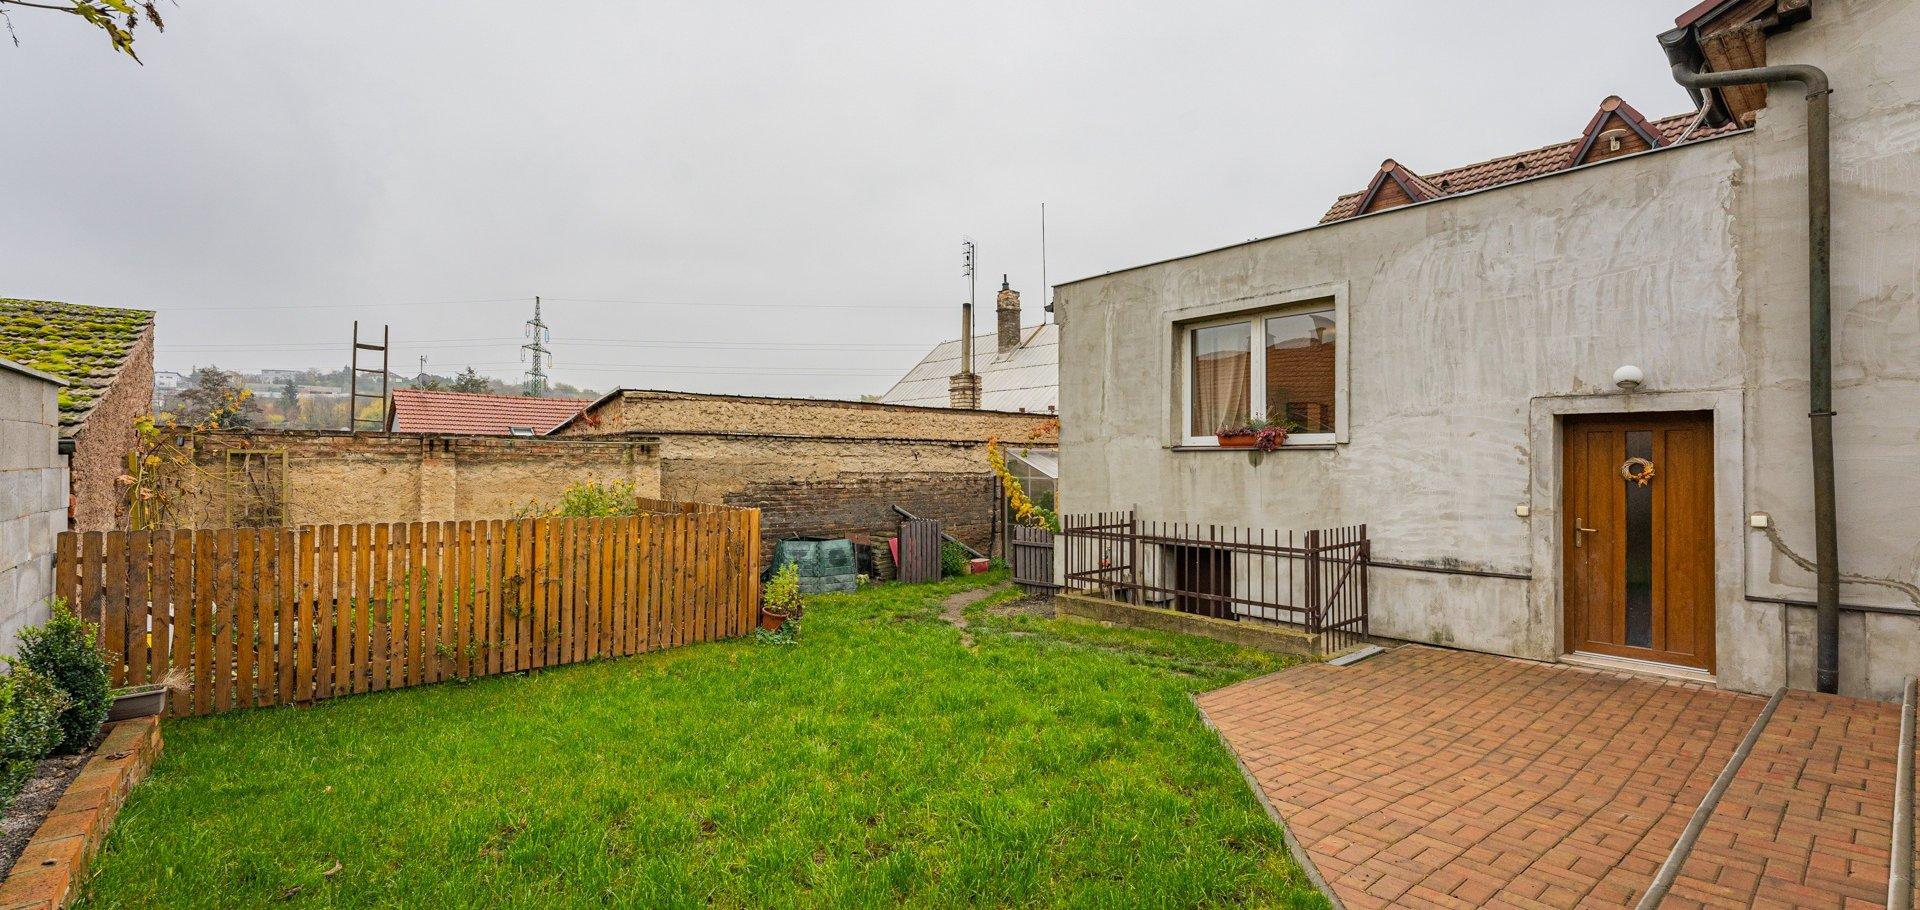 Prodej prostorného domu, Brandýsek - Olšany, 195m2